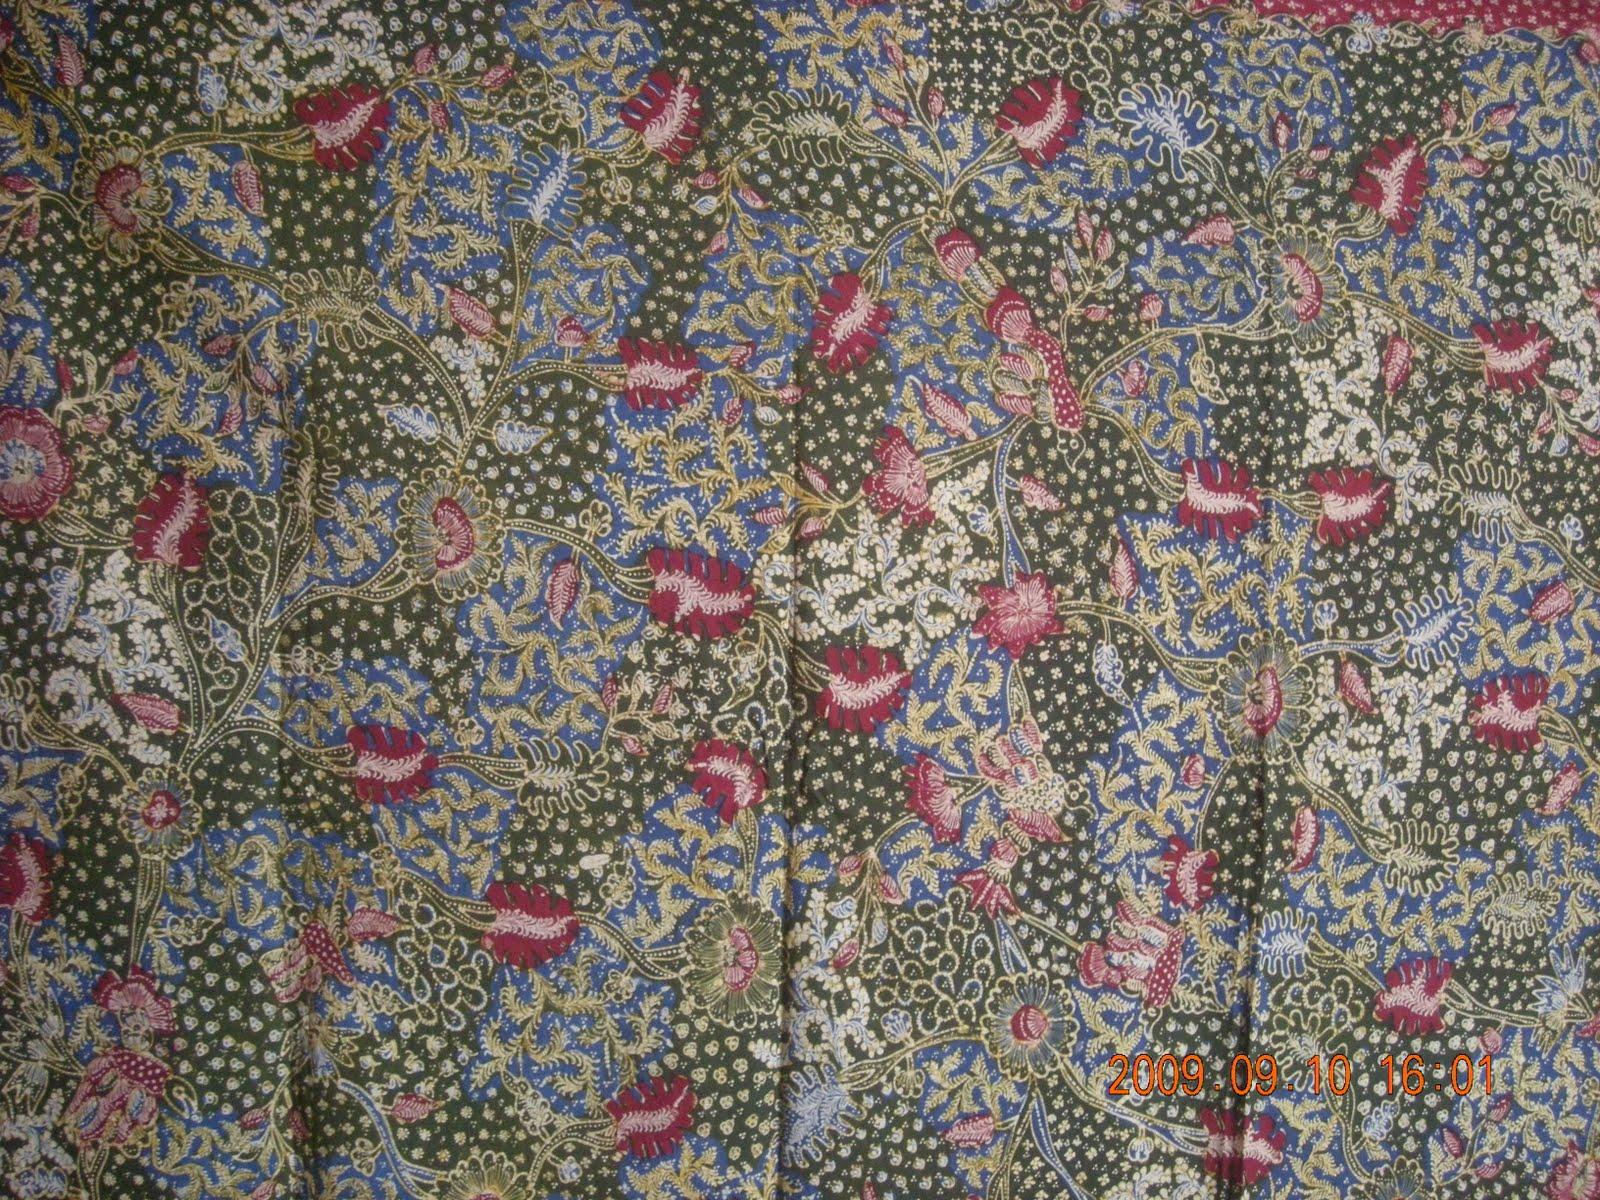 Jenis Batik Tulis Produksi Batik Tulis Lasem Warna Tersedia Kombinasi Hitam Biru Putih Warna Lain Tergantung Pesanan